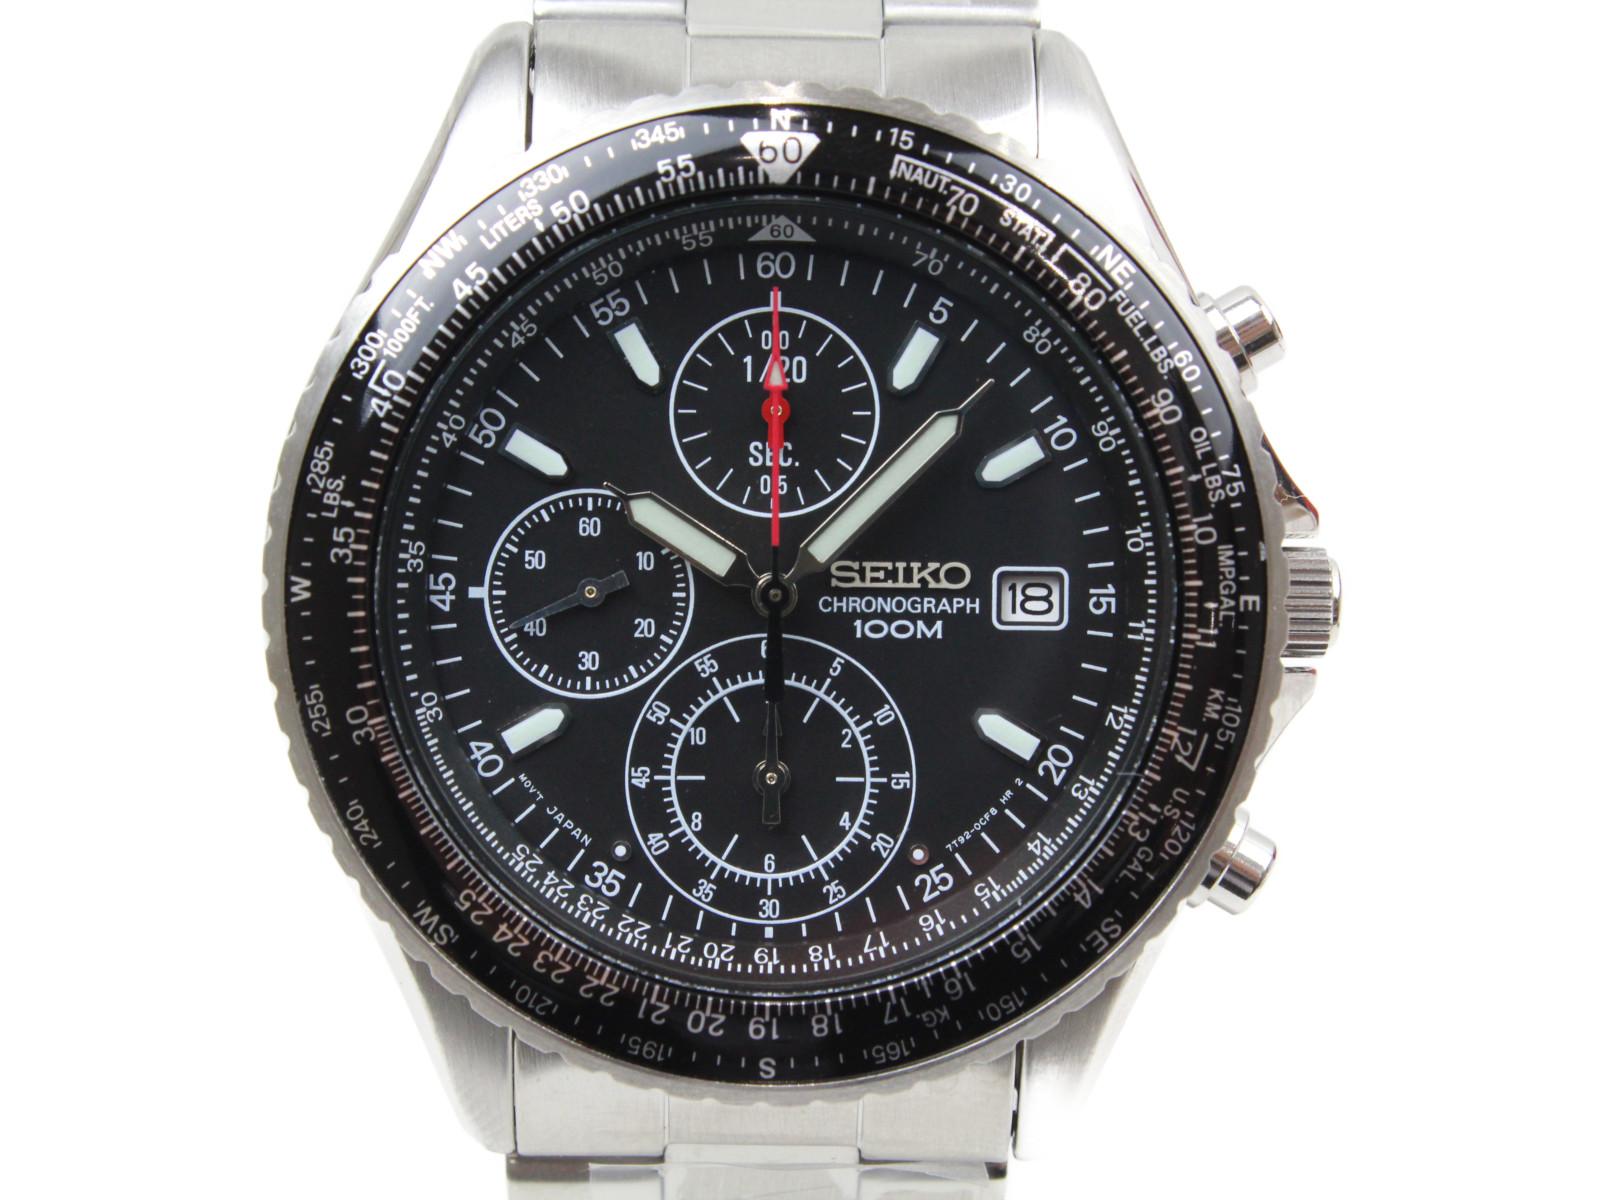 【逆輸入モデル】SEIKO セイコー パイロット クロノグラフ SND253P1 クオーツ デイト SS ブラック メンズ 腕時計 【中古】